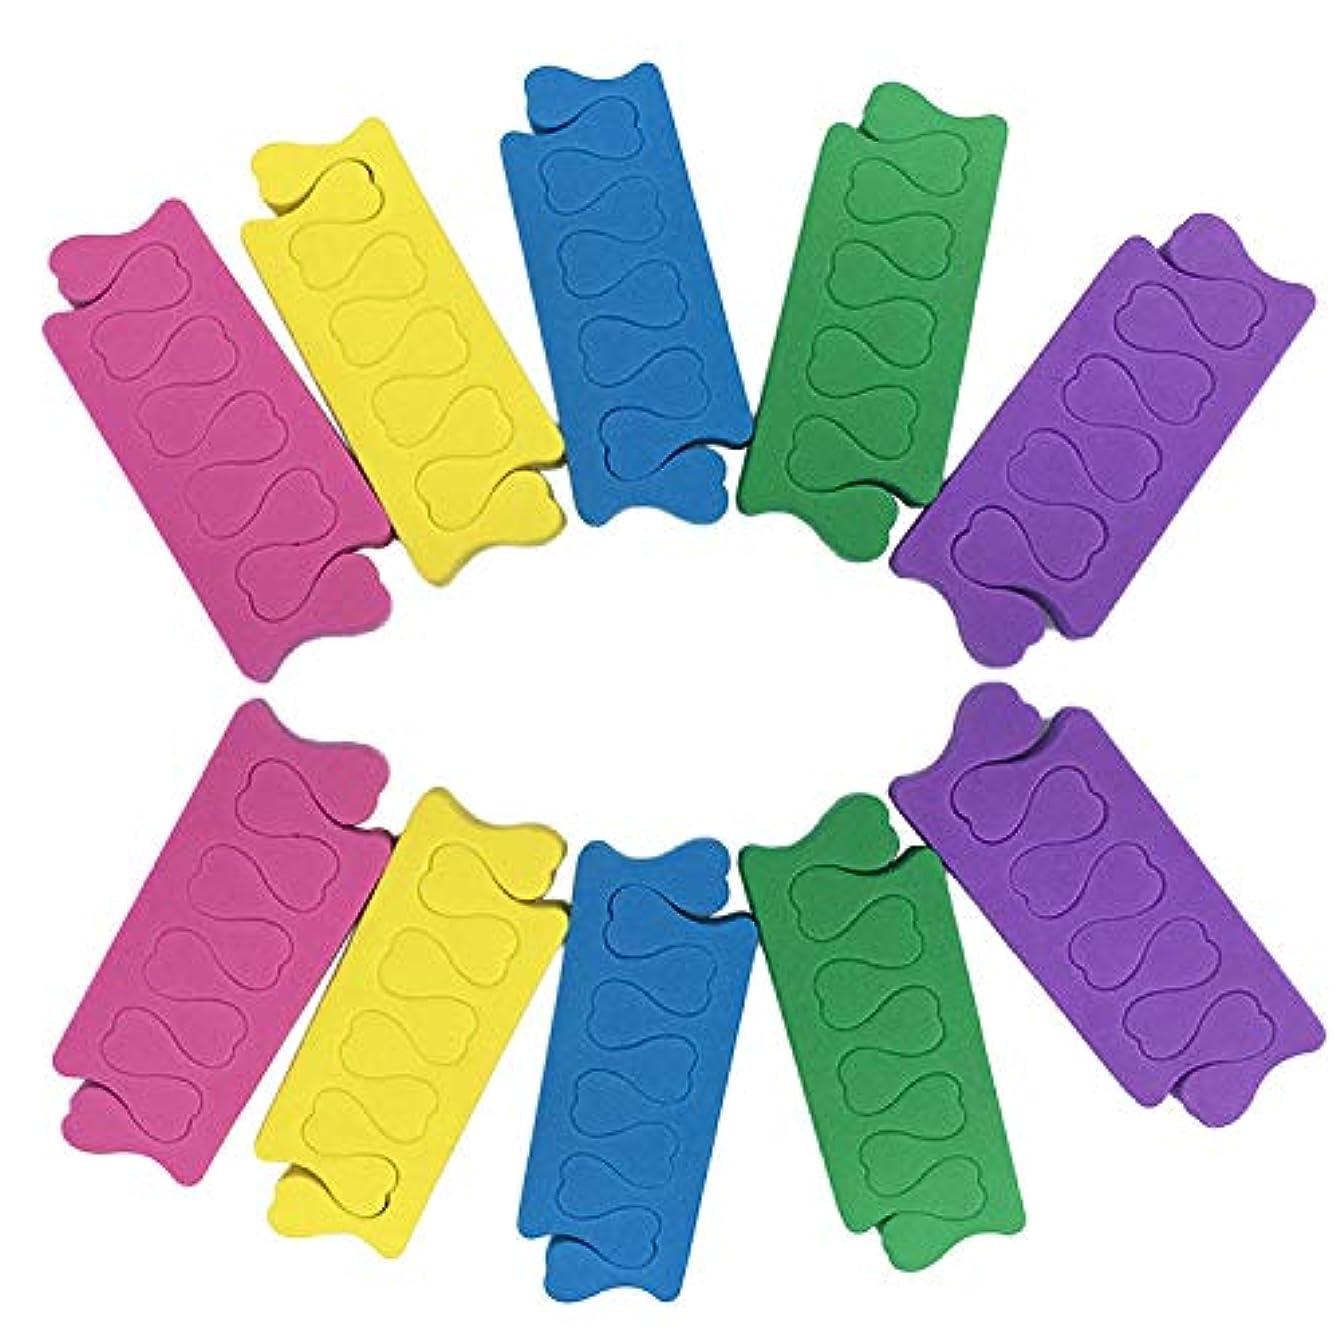 年金任意ウミウシトゥセパレーター Migavann フィンガーセパレーター 50組の色の組み合わせソフトフォームスポンジフィンガーセパレーターデバイダーネイルアートマニキュアペディキュアツール